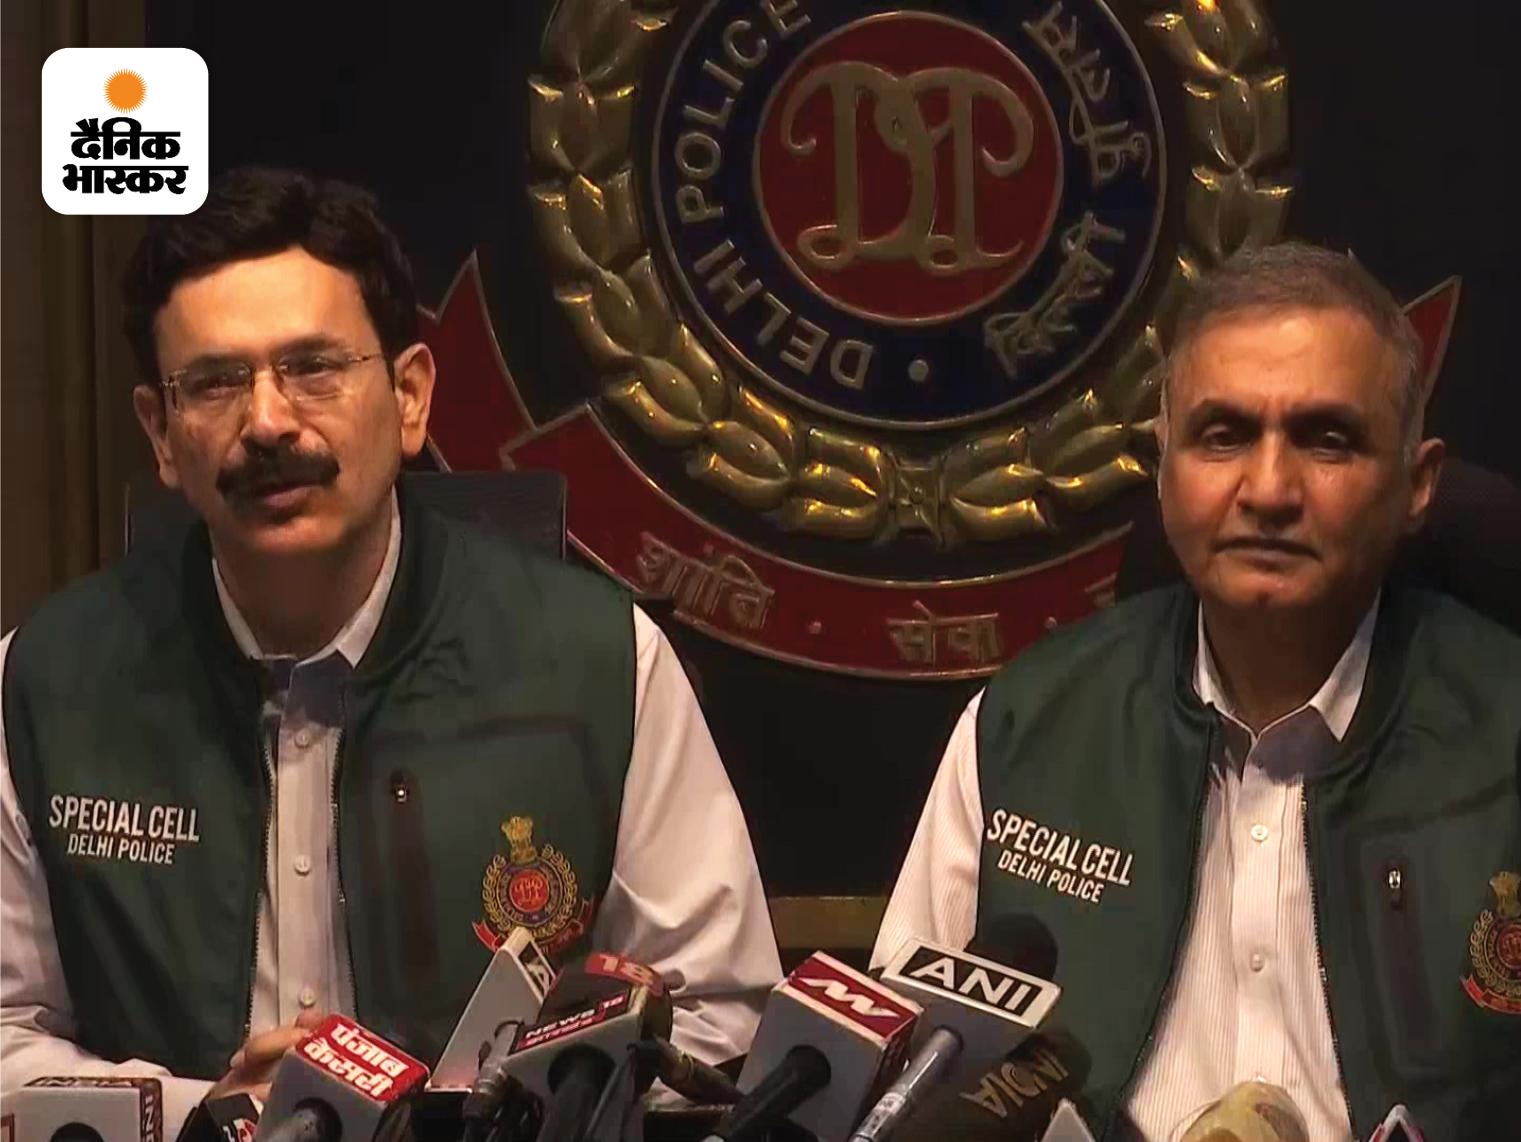 आतंकियों के बारे में जानकारी देते हुए दिल्ली पुलिस के स्पेशल कमिश्नर नीरज ठाकुर (बाएं)।